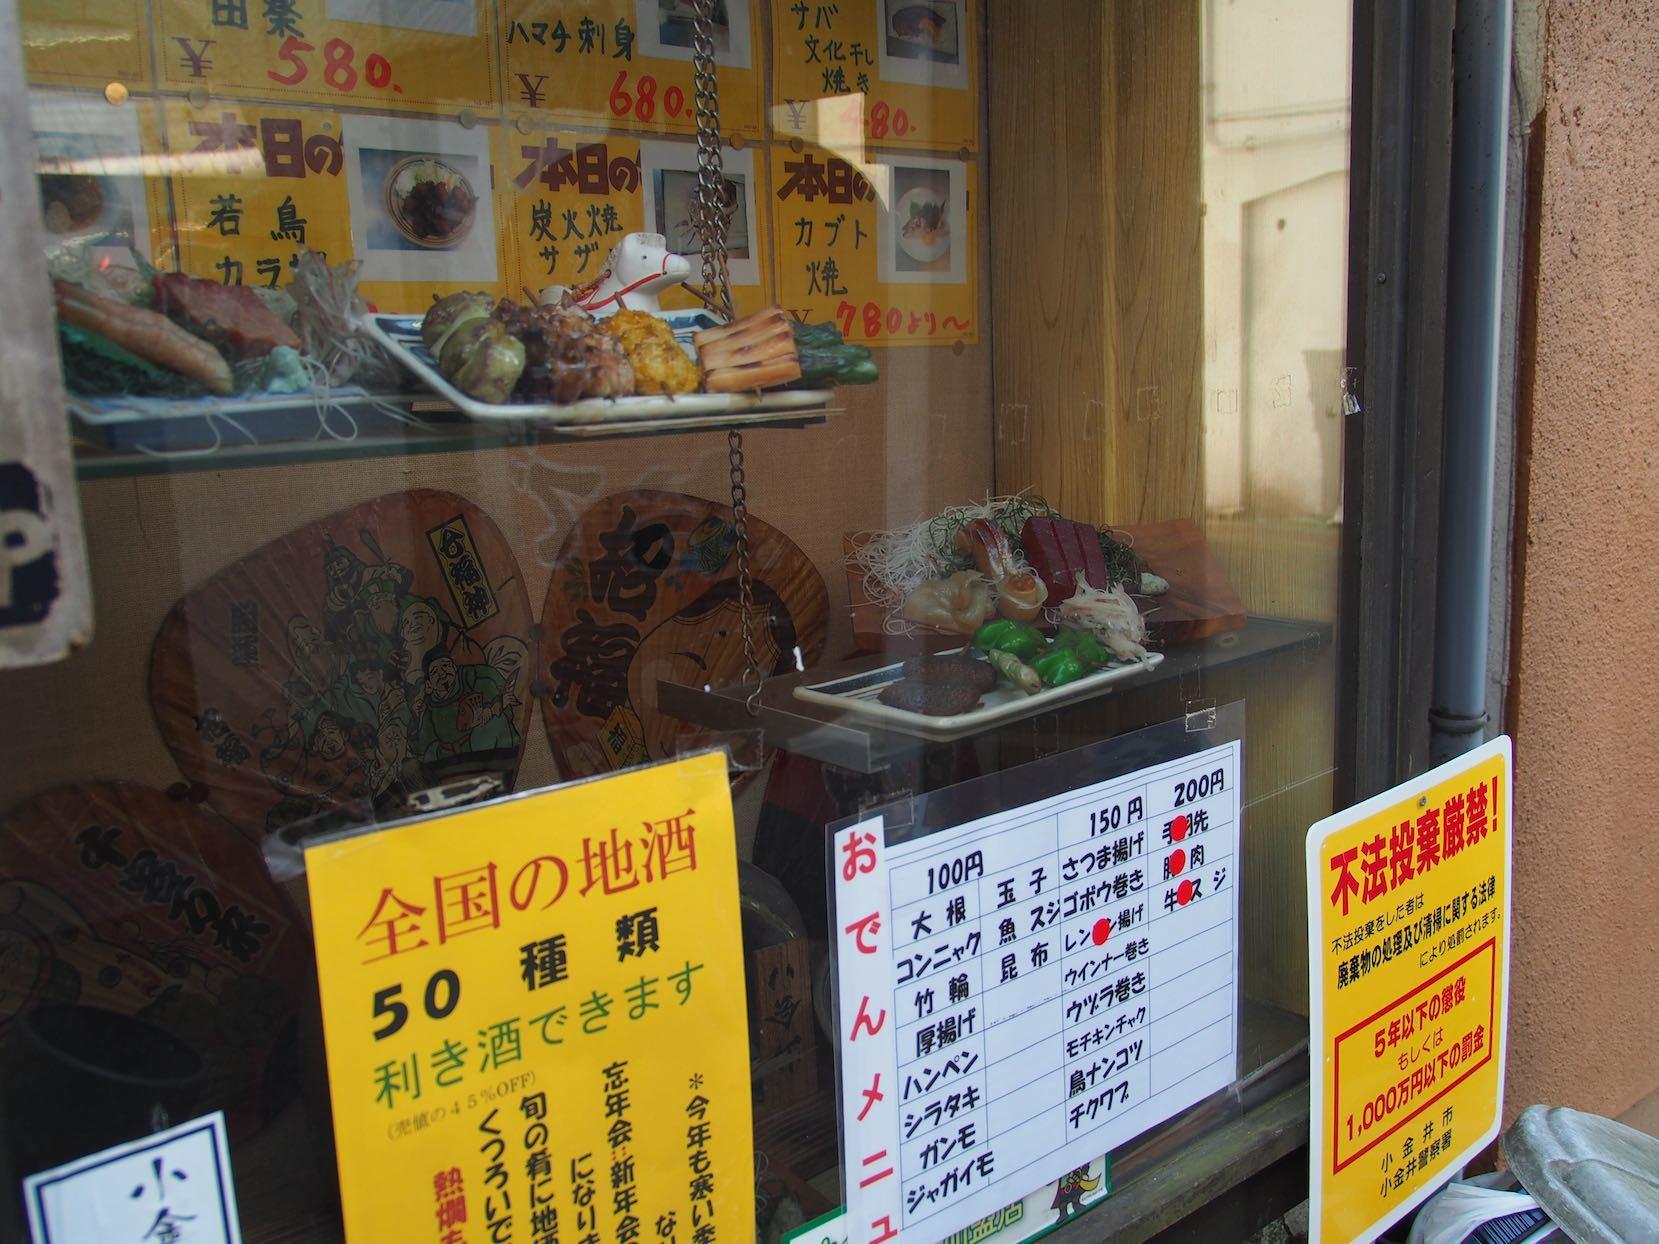 武蔵小金井駅周辺3_b0360240_23574088.jpg